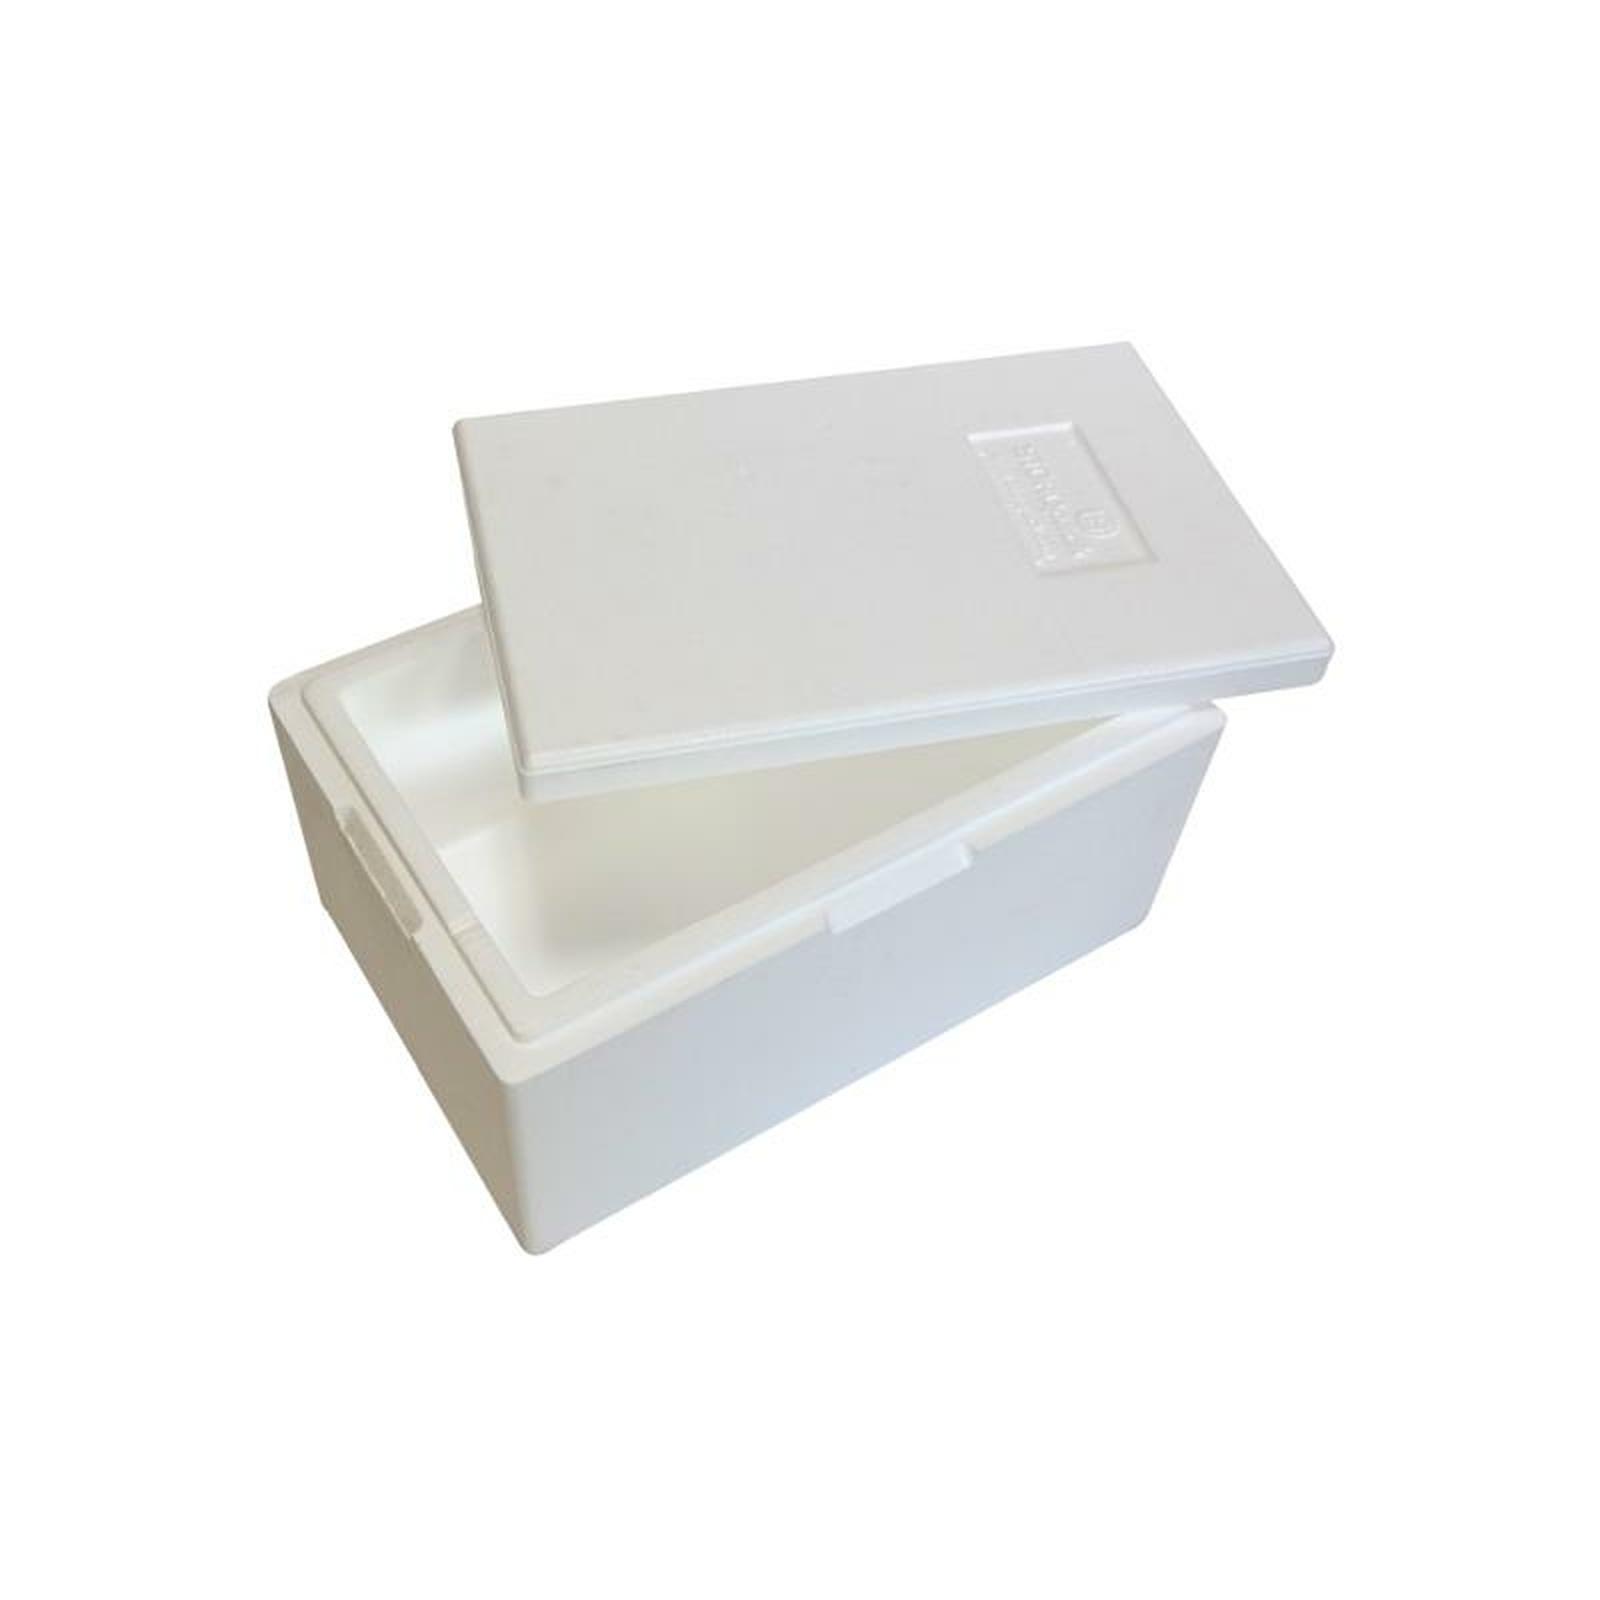 isolierboxen mit deckel aus styropor 30 liter 500x300x205 mm g nstig 9 76. Black Bedroom Furniture Sets. Home Design Ideas